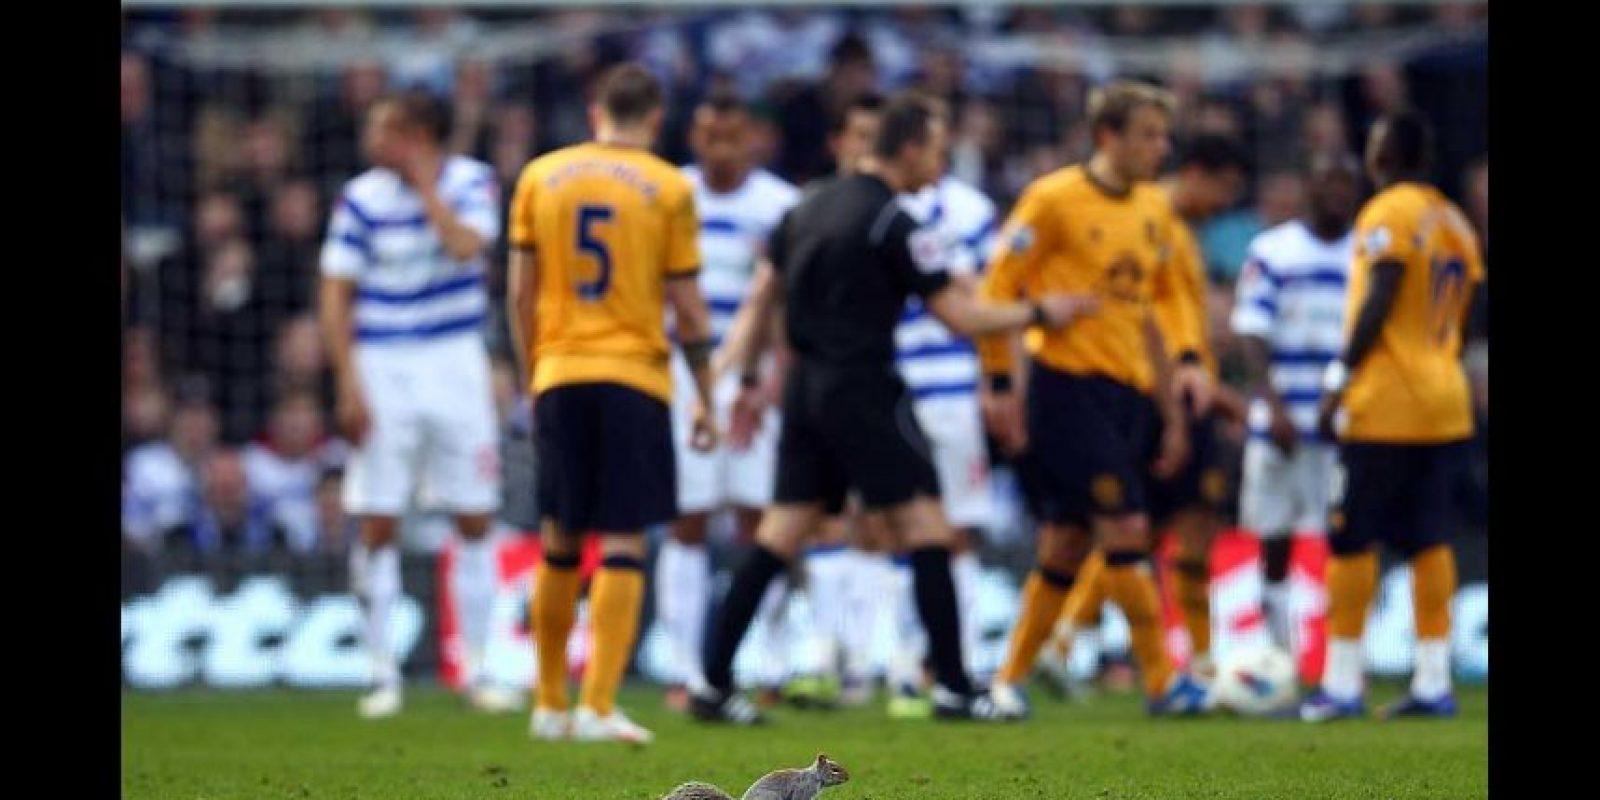 """5. En 2012, esta ardilla fue la """"espontánea"""" durante un QPR vs. Everton de la Premier League. Foto:Getty Images"""